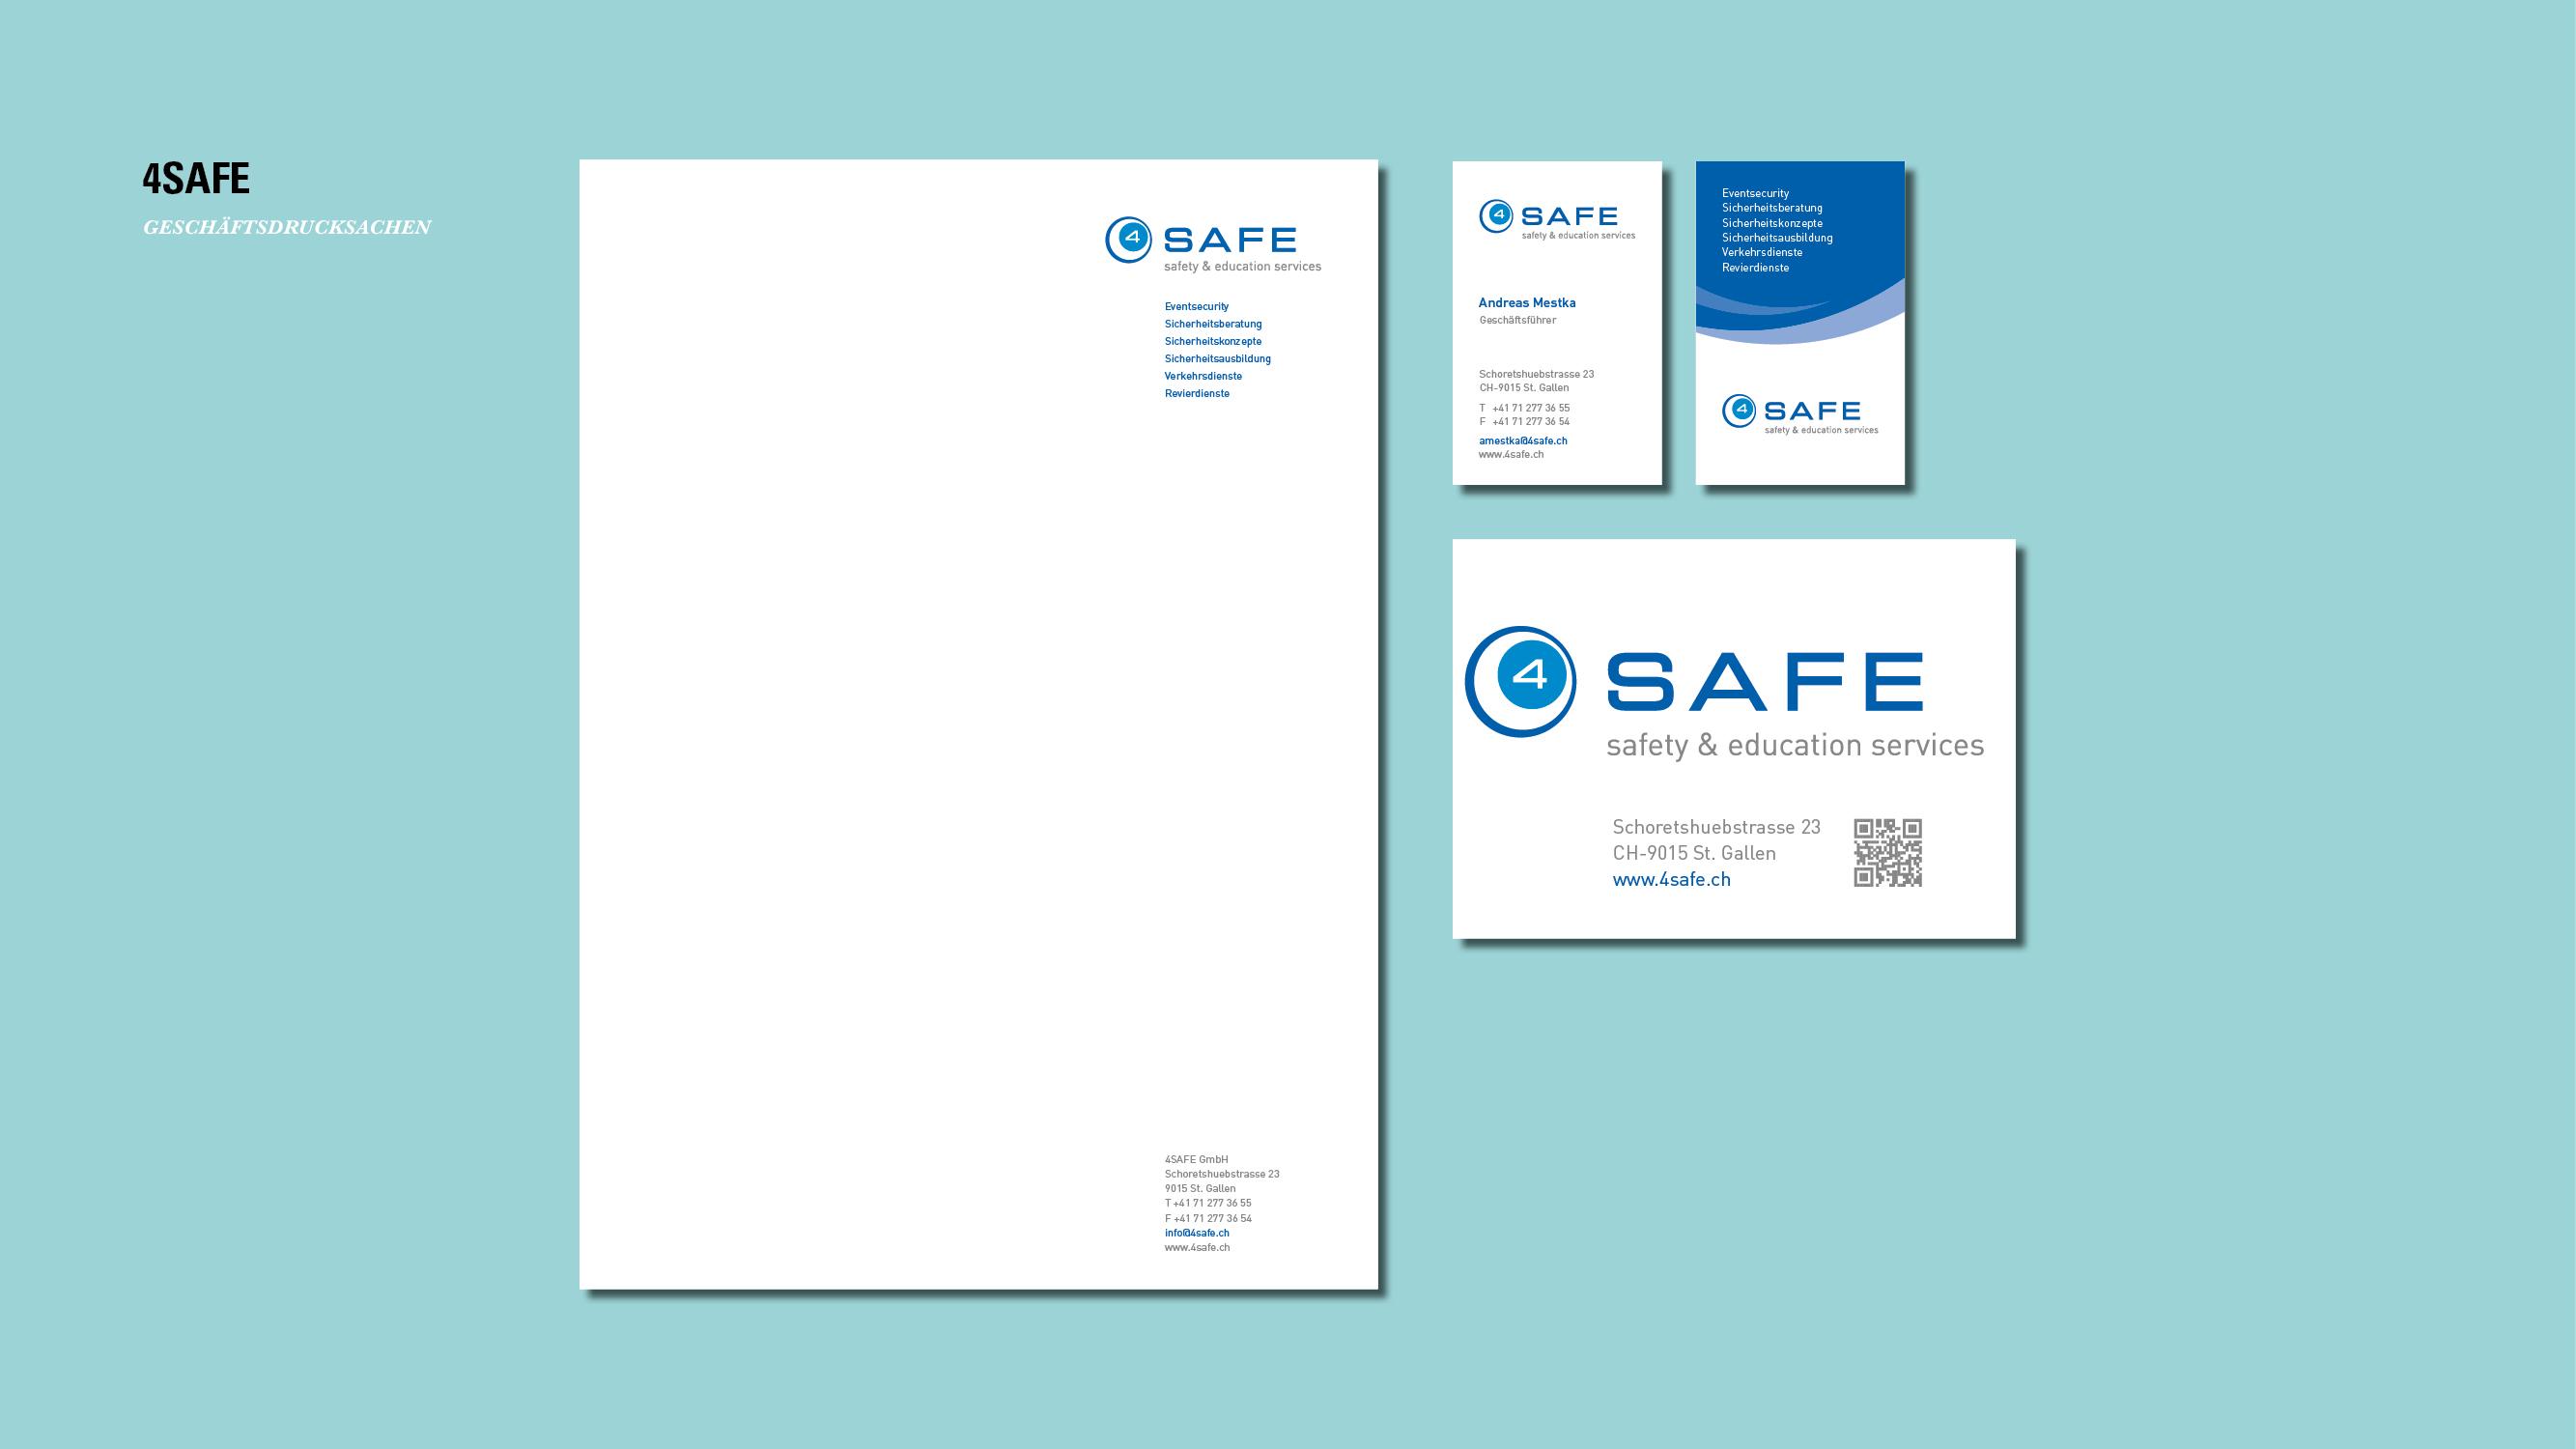 4Safe_Geschaeftsdrucksachen.jpg